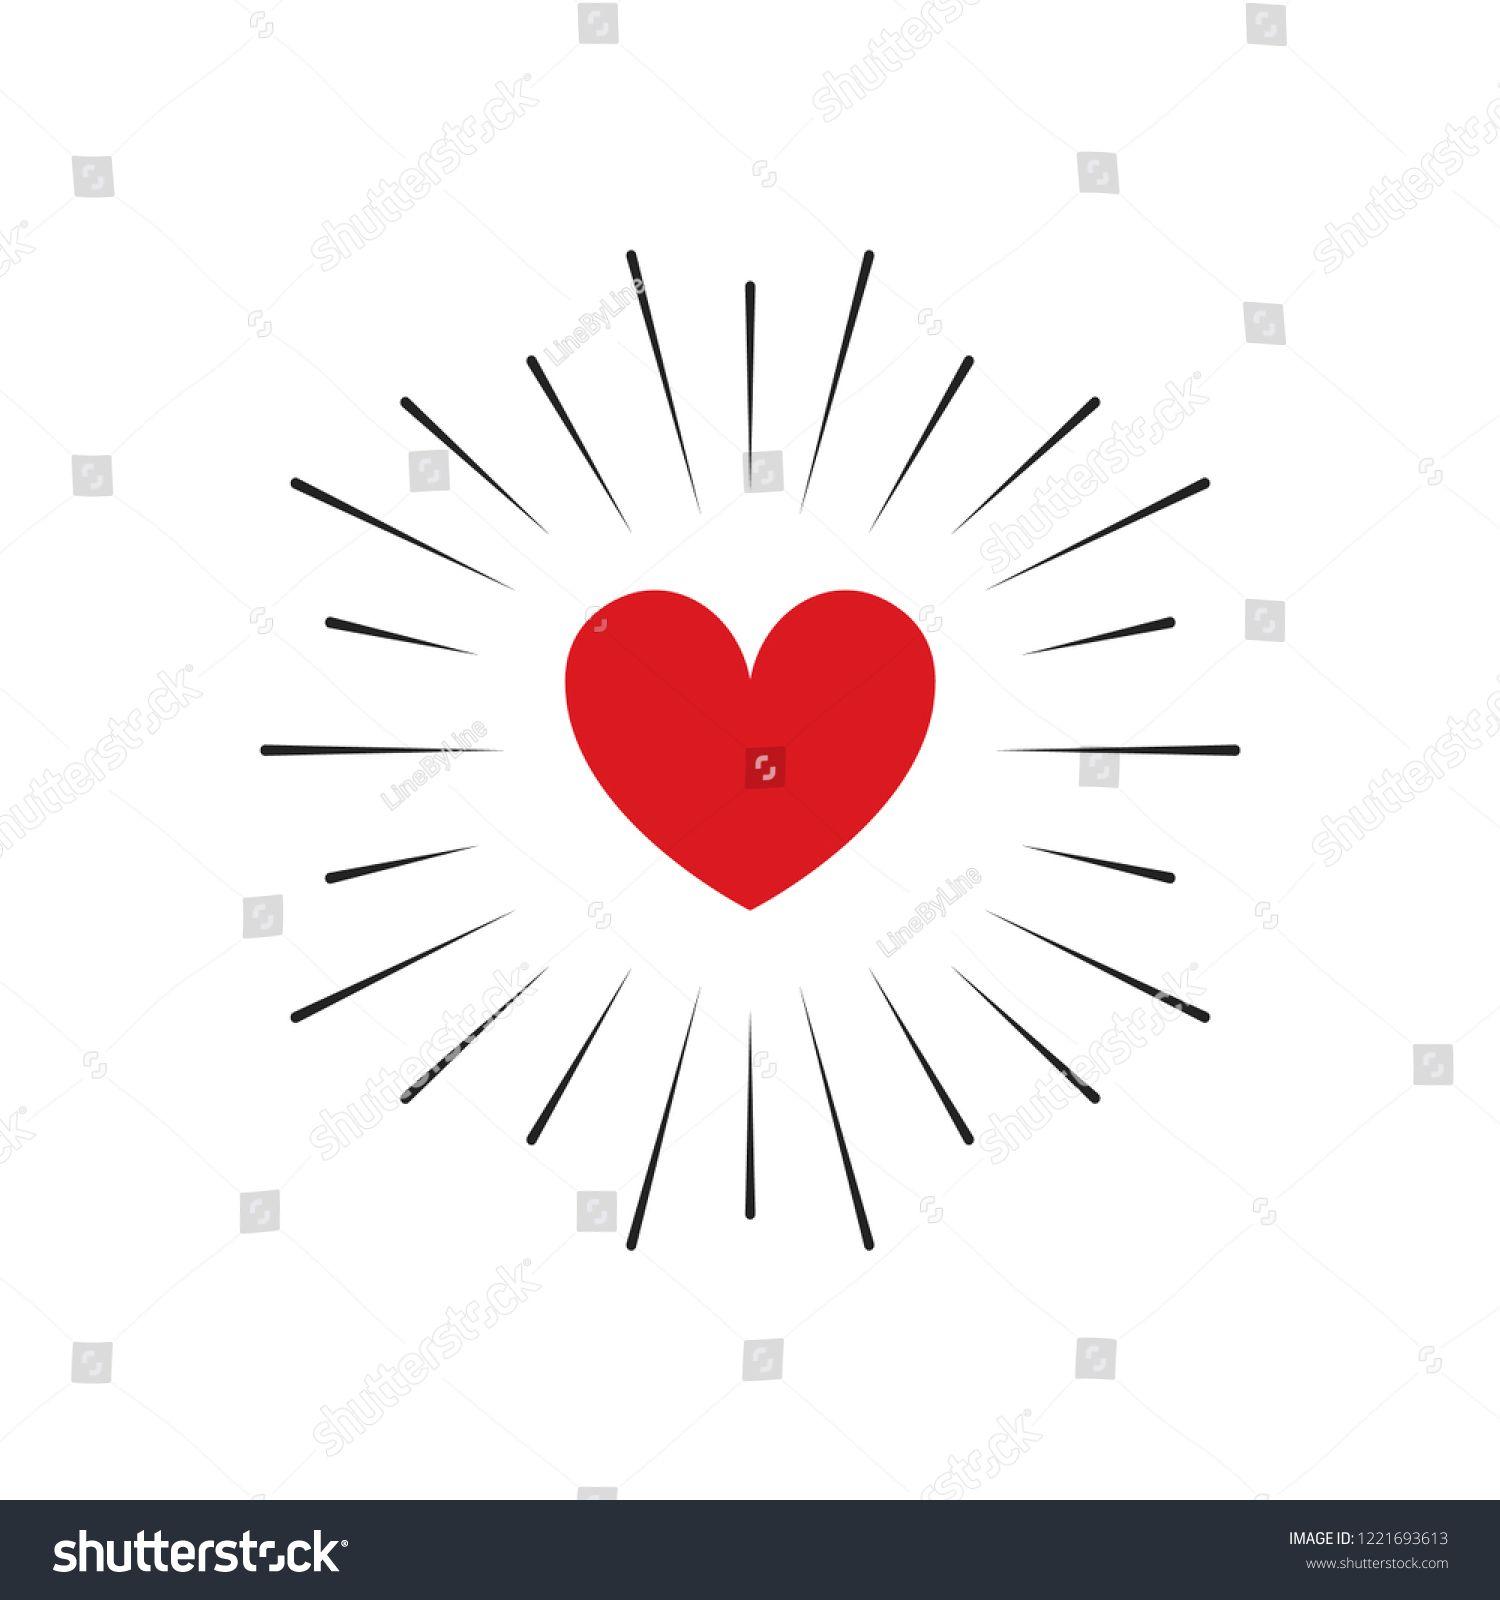 Heart with Sun Burst Vector Illustration